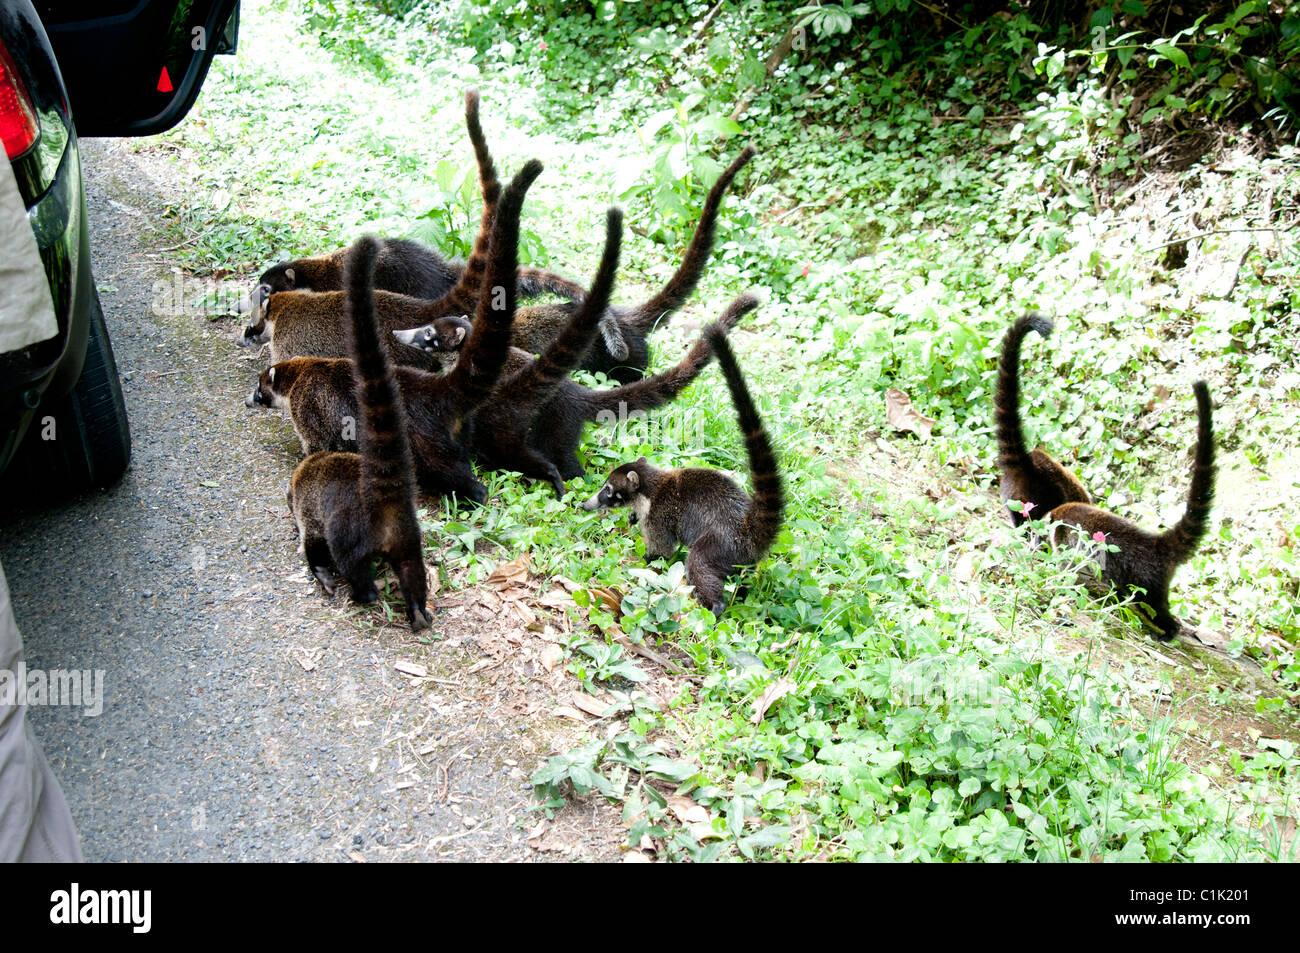 Caotis,Pizote ,Brazilian Aardvark - Stock Image